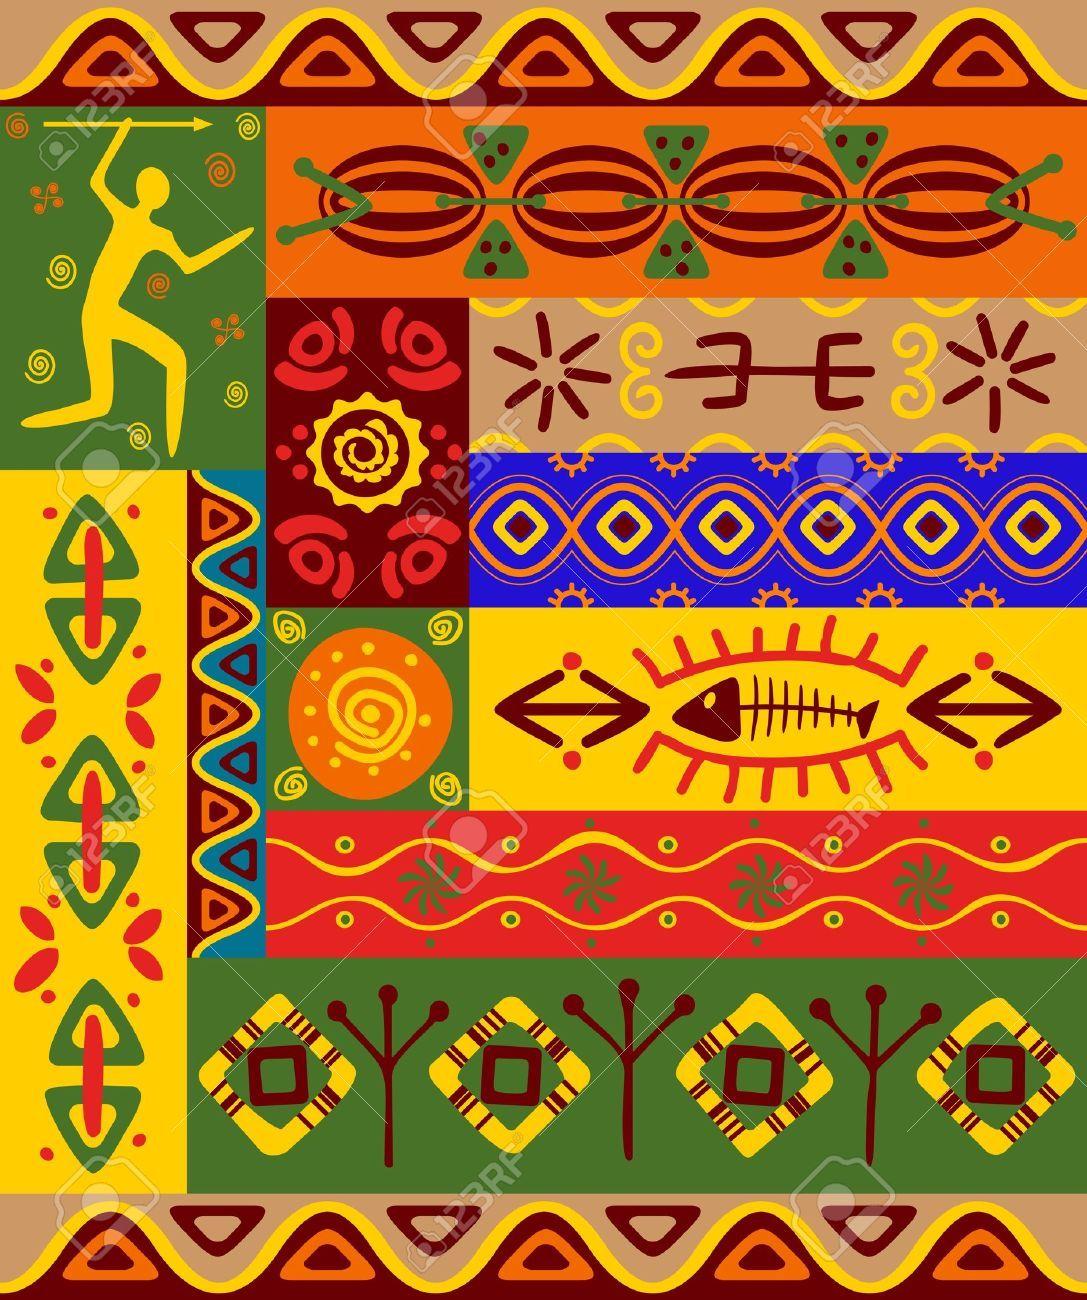 Abstrakt Ethnische Muster Und Ornamente Fur Design Standard Bild 9929699 Ethnische Muster Afrikanische Kunst Afrikanische Muster